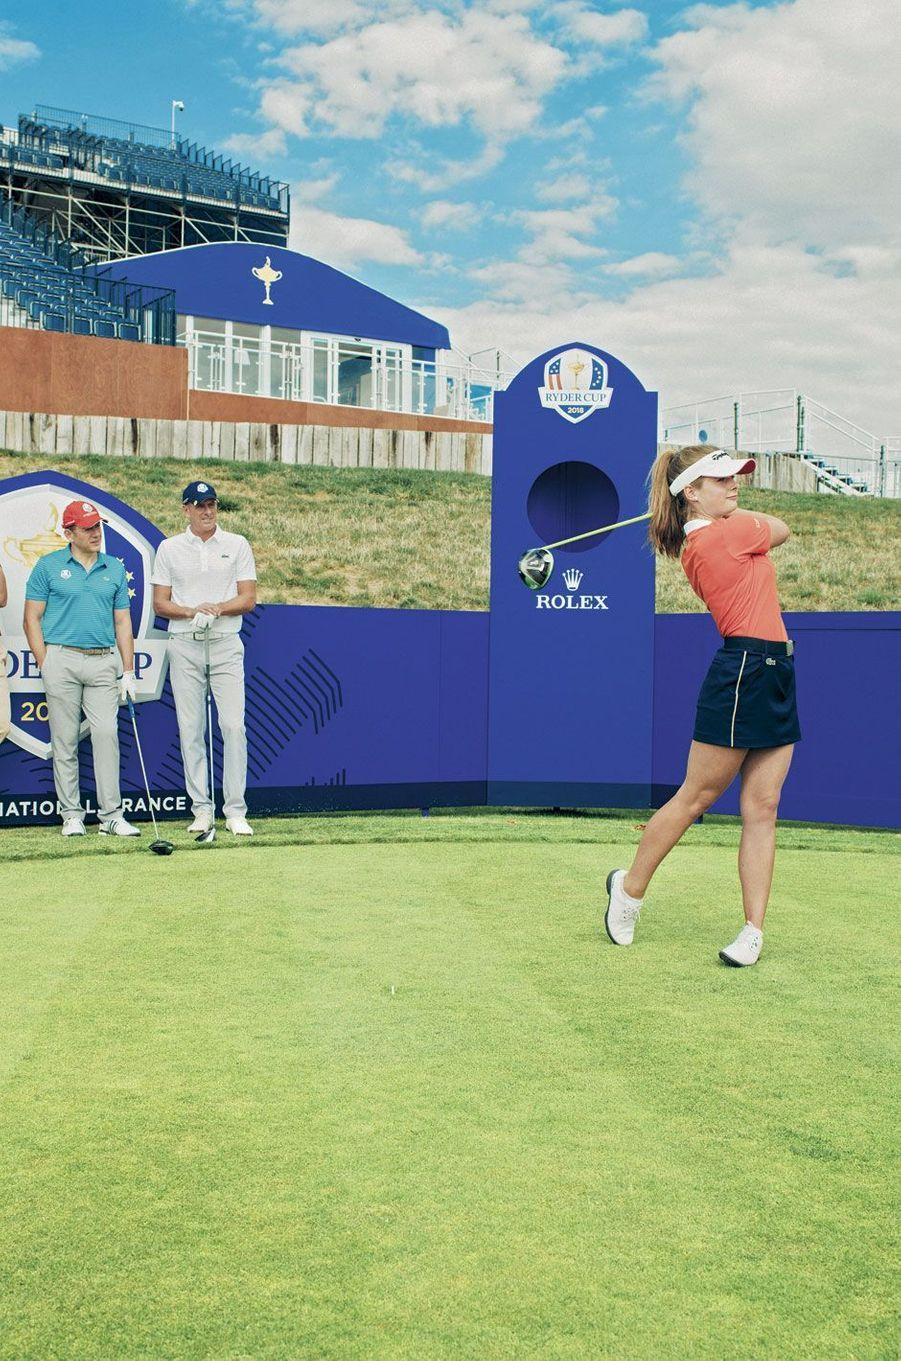 Petite démonstration par Mathilde Claisse, l'une des golfeuses les plus prometteuses de sa génération.